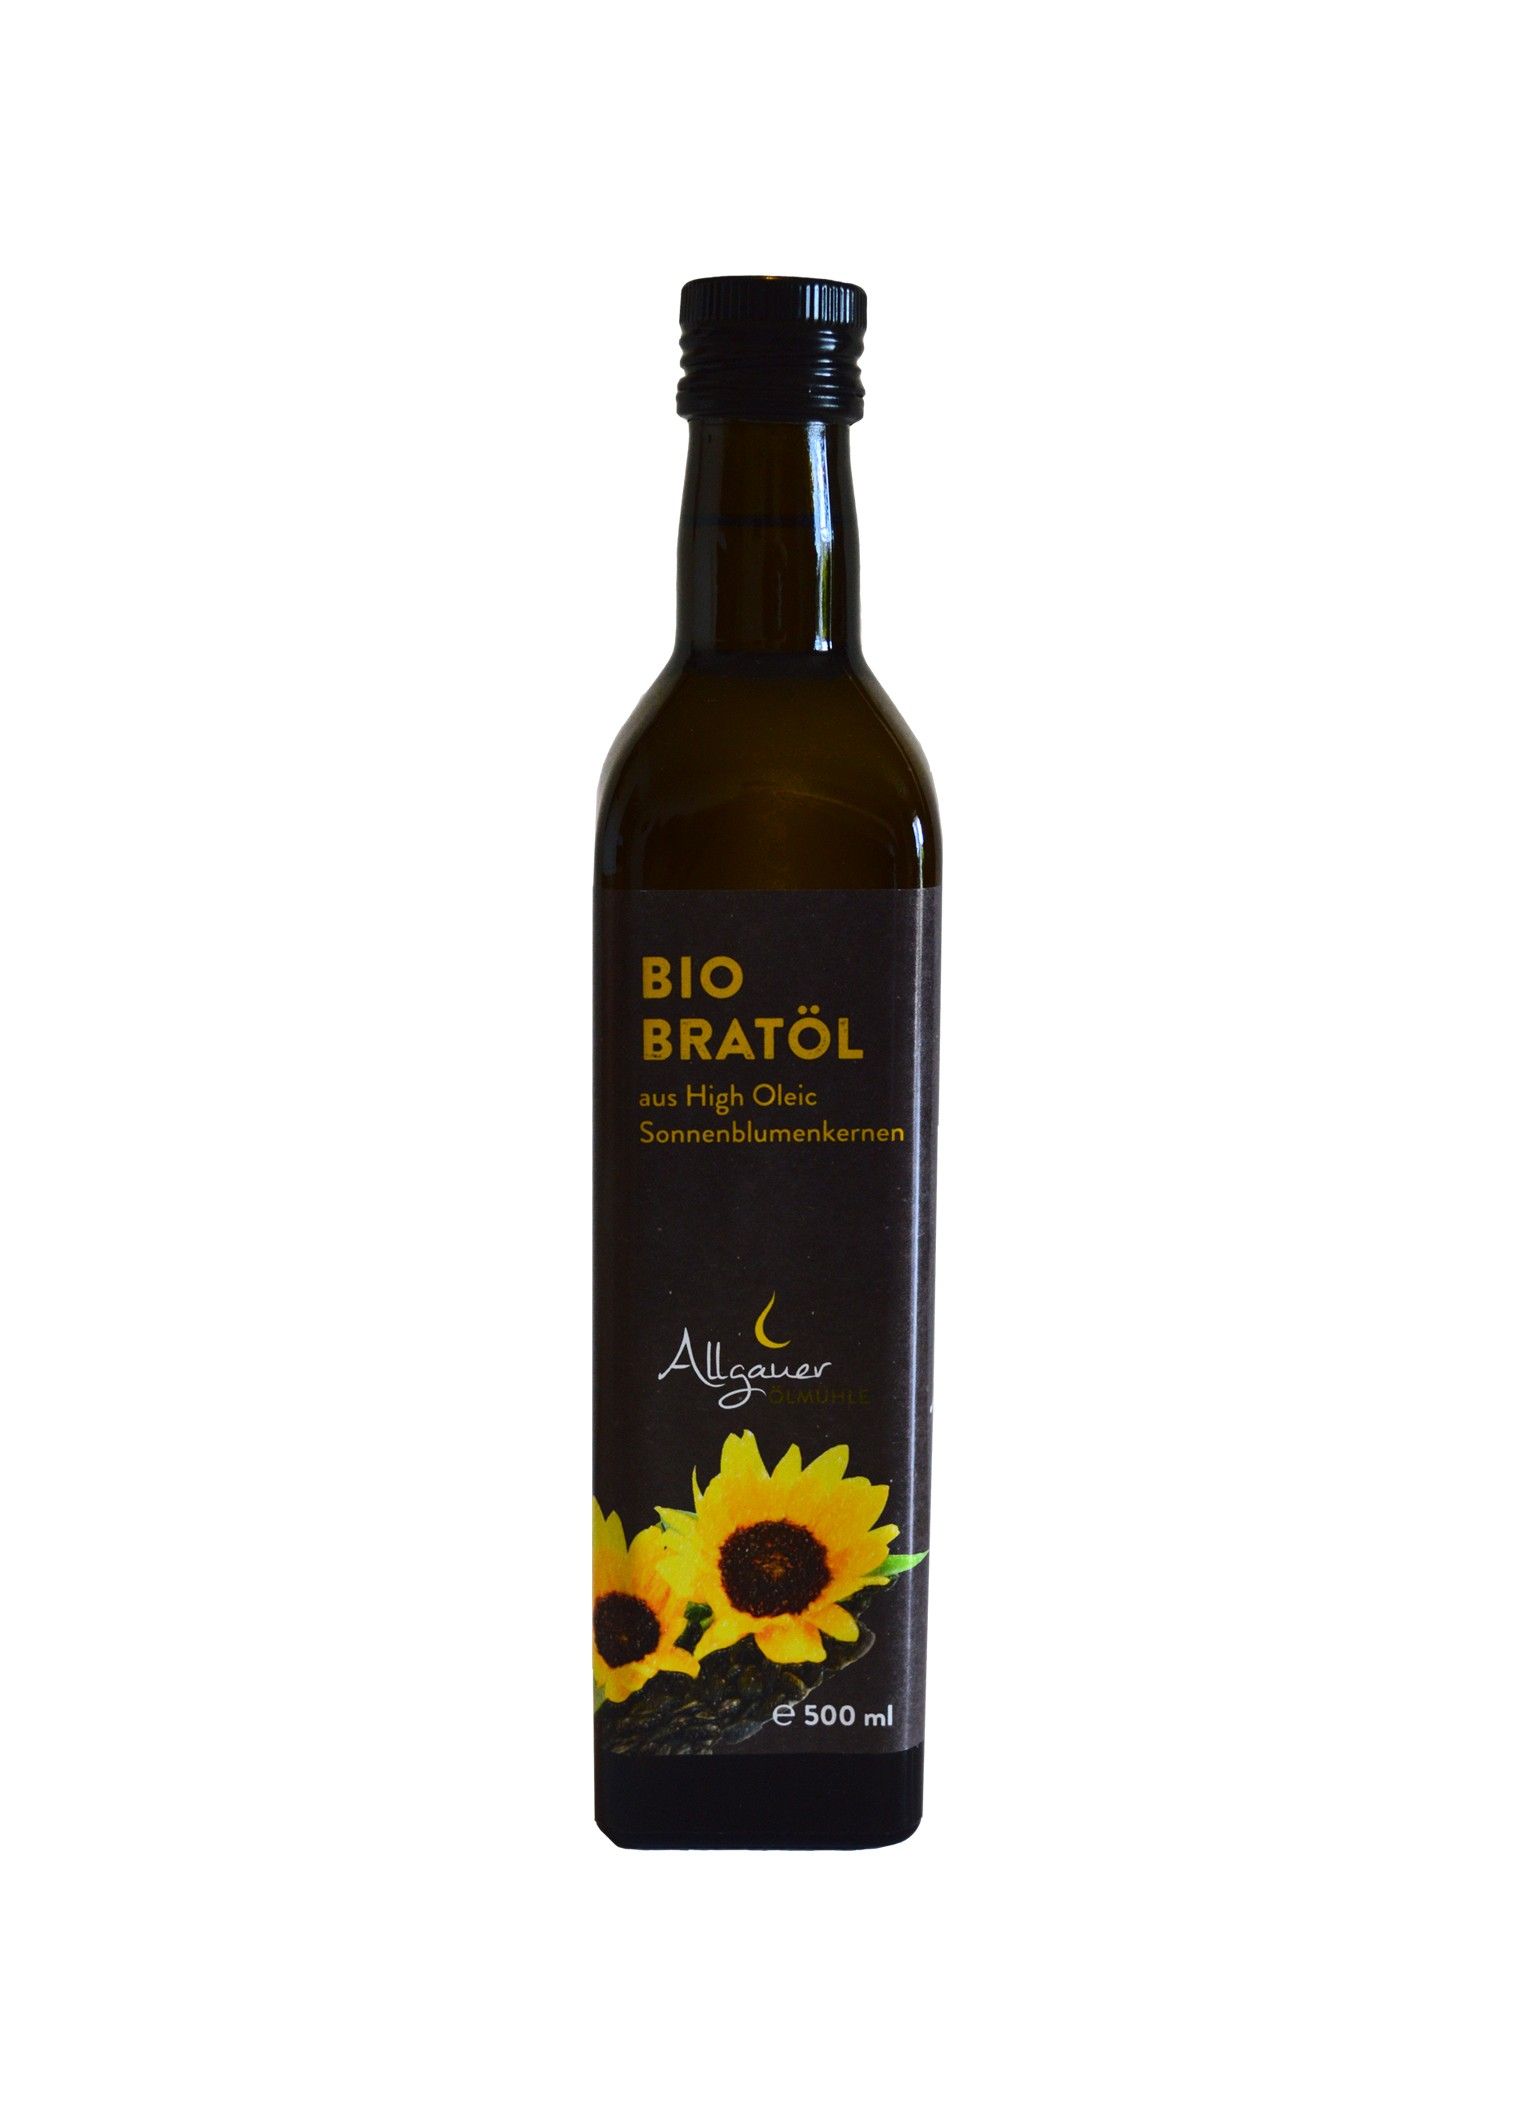 Bratöl-Bio aus Sonnenblumenkernen 500 ml aus dem Allgäu